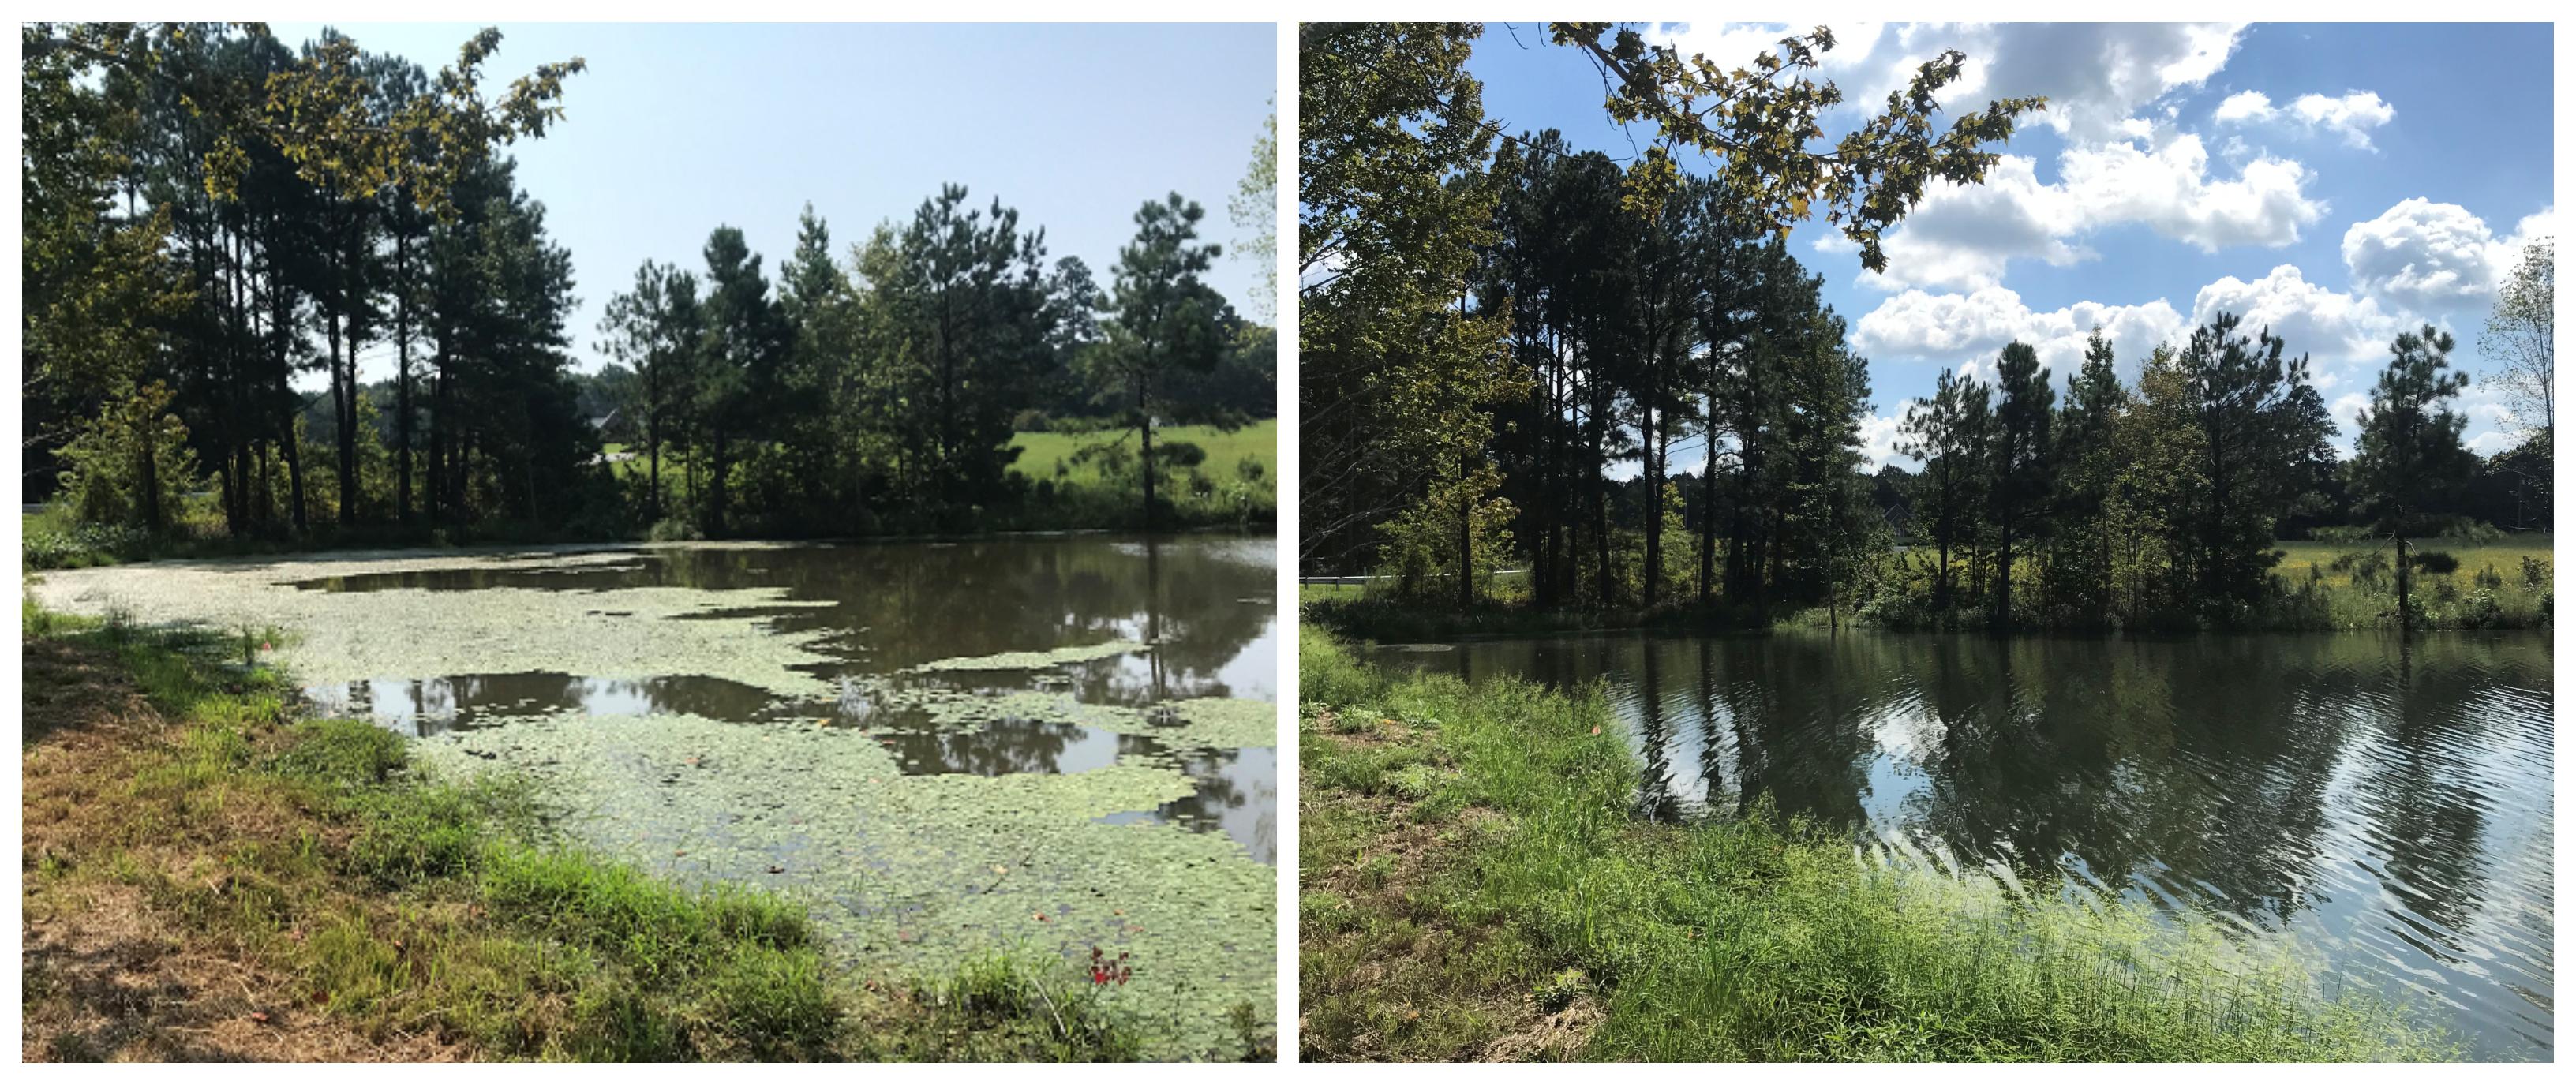 Watershield & Alligatorweed